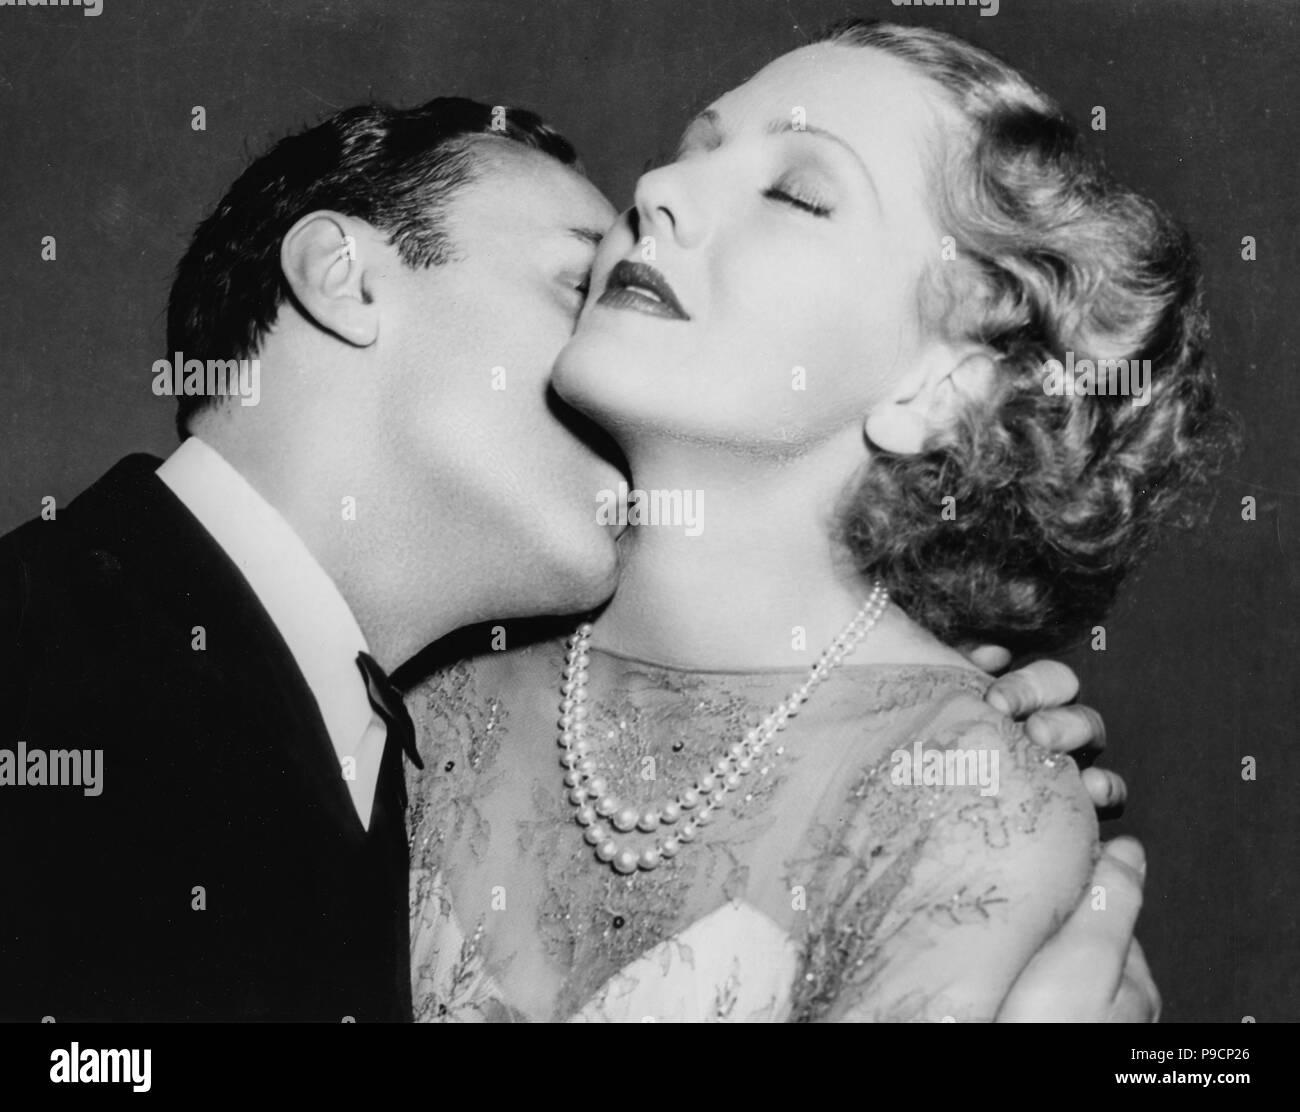 Jean arthur, Charles Boyer, la storia è fatta di notte, 1937 Immagini Stock